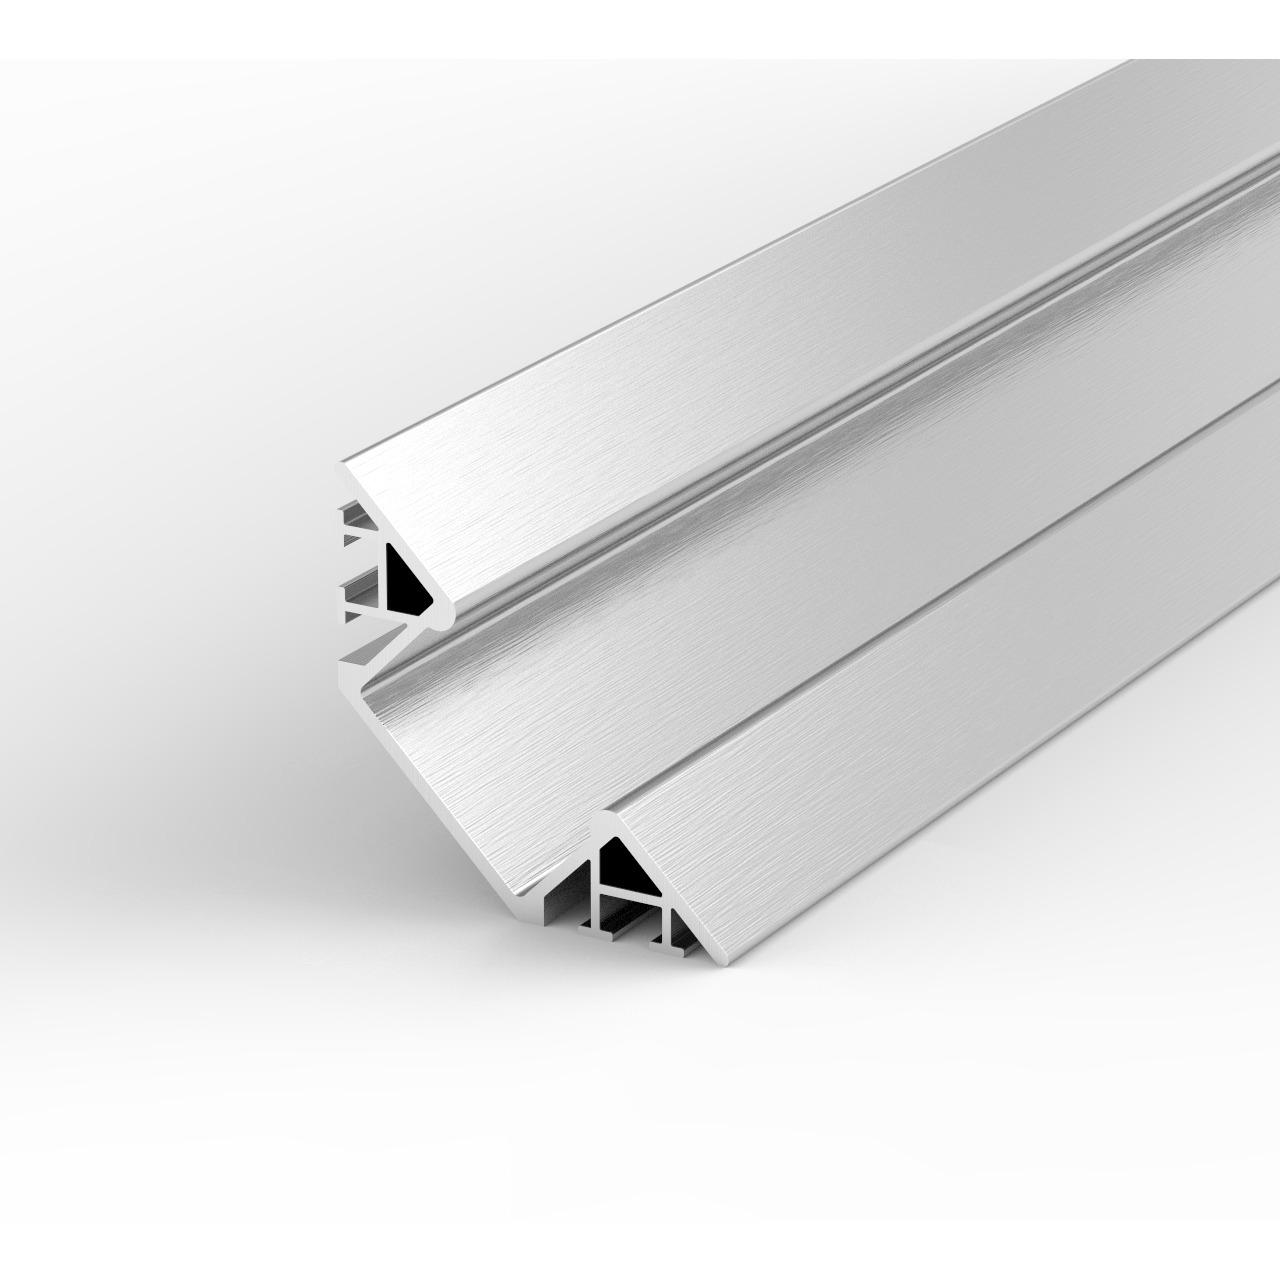 1-m-Aluminiumprofil P7-1 für LED-Streifen- mit matter Abdeckung- inkl- Endkappen